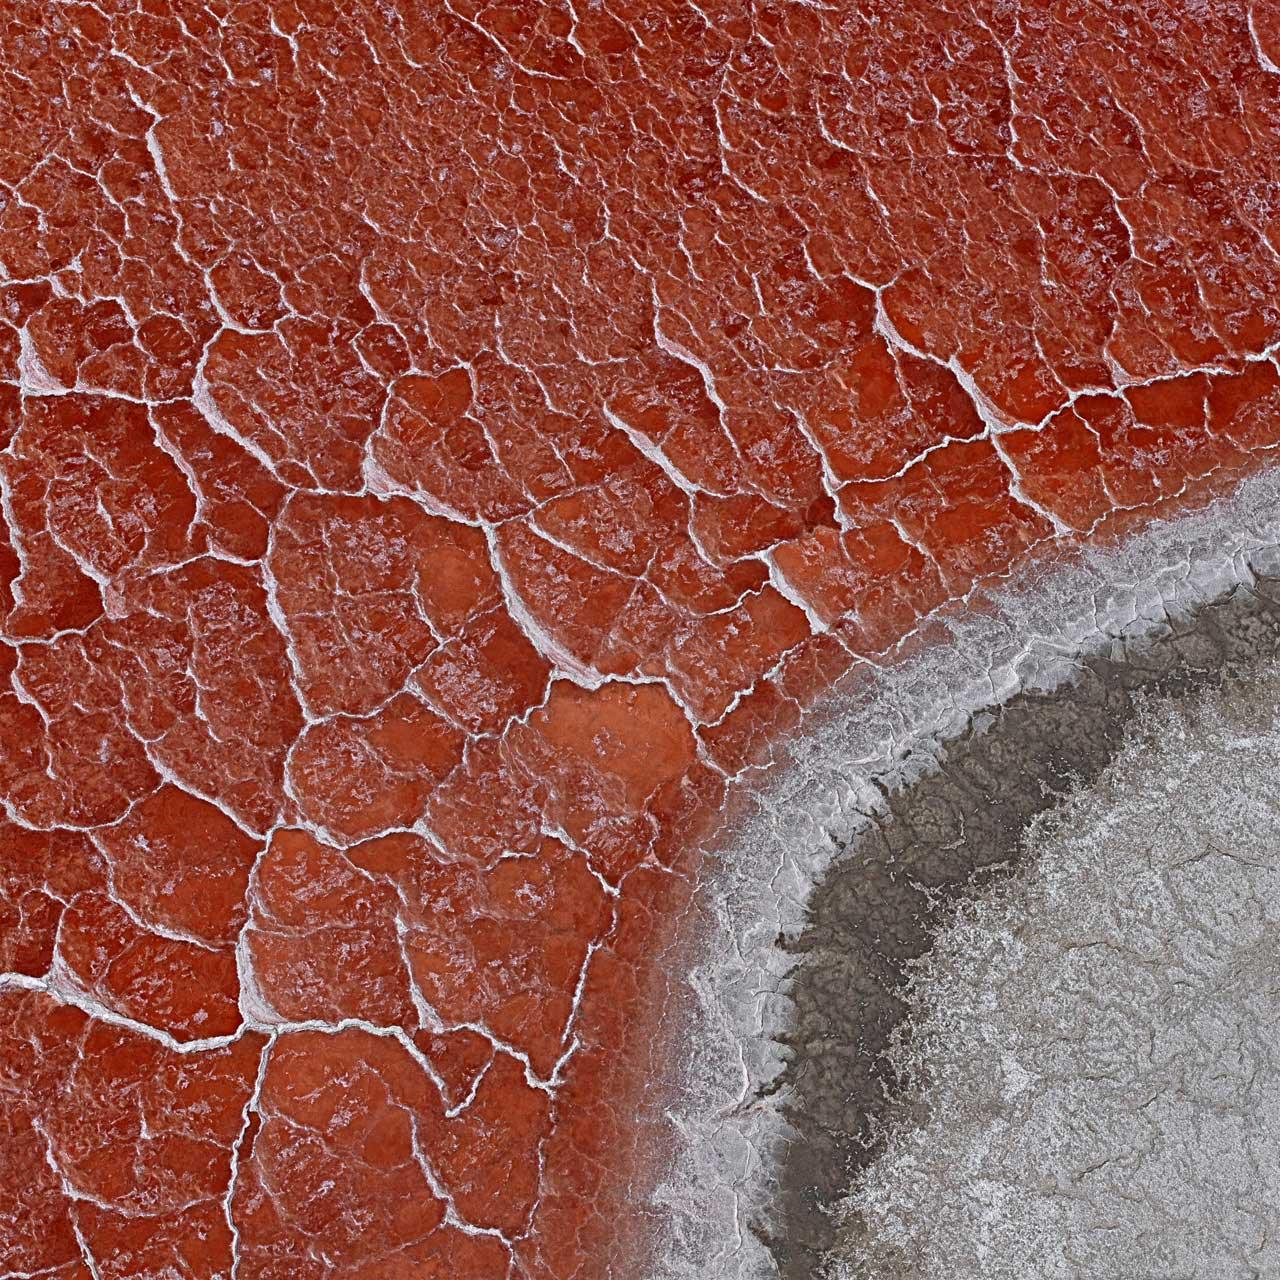 Der Searles Lake hat keinen Abfluss. Hin und wieder sammelt sich dort Regenwasser, welches in der Hitze allmählich verdunstet. Der See wird zu einem Salzsumpf und trocknet aus. Mikroorganismen, die im Seeboden schlummern, beginnen sich zu vermehren. Sie tragen einen Farbstoff im Körper, wie man ihn auch in Tomaten findet. Er macht die Salzkruste rot. Searles Lake, Kalifornien, USA.